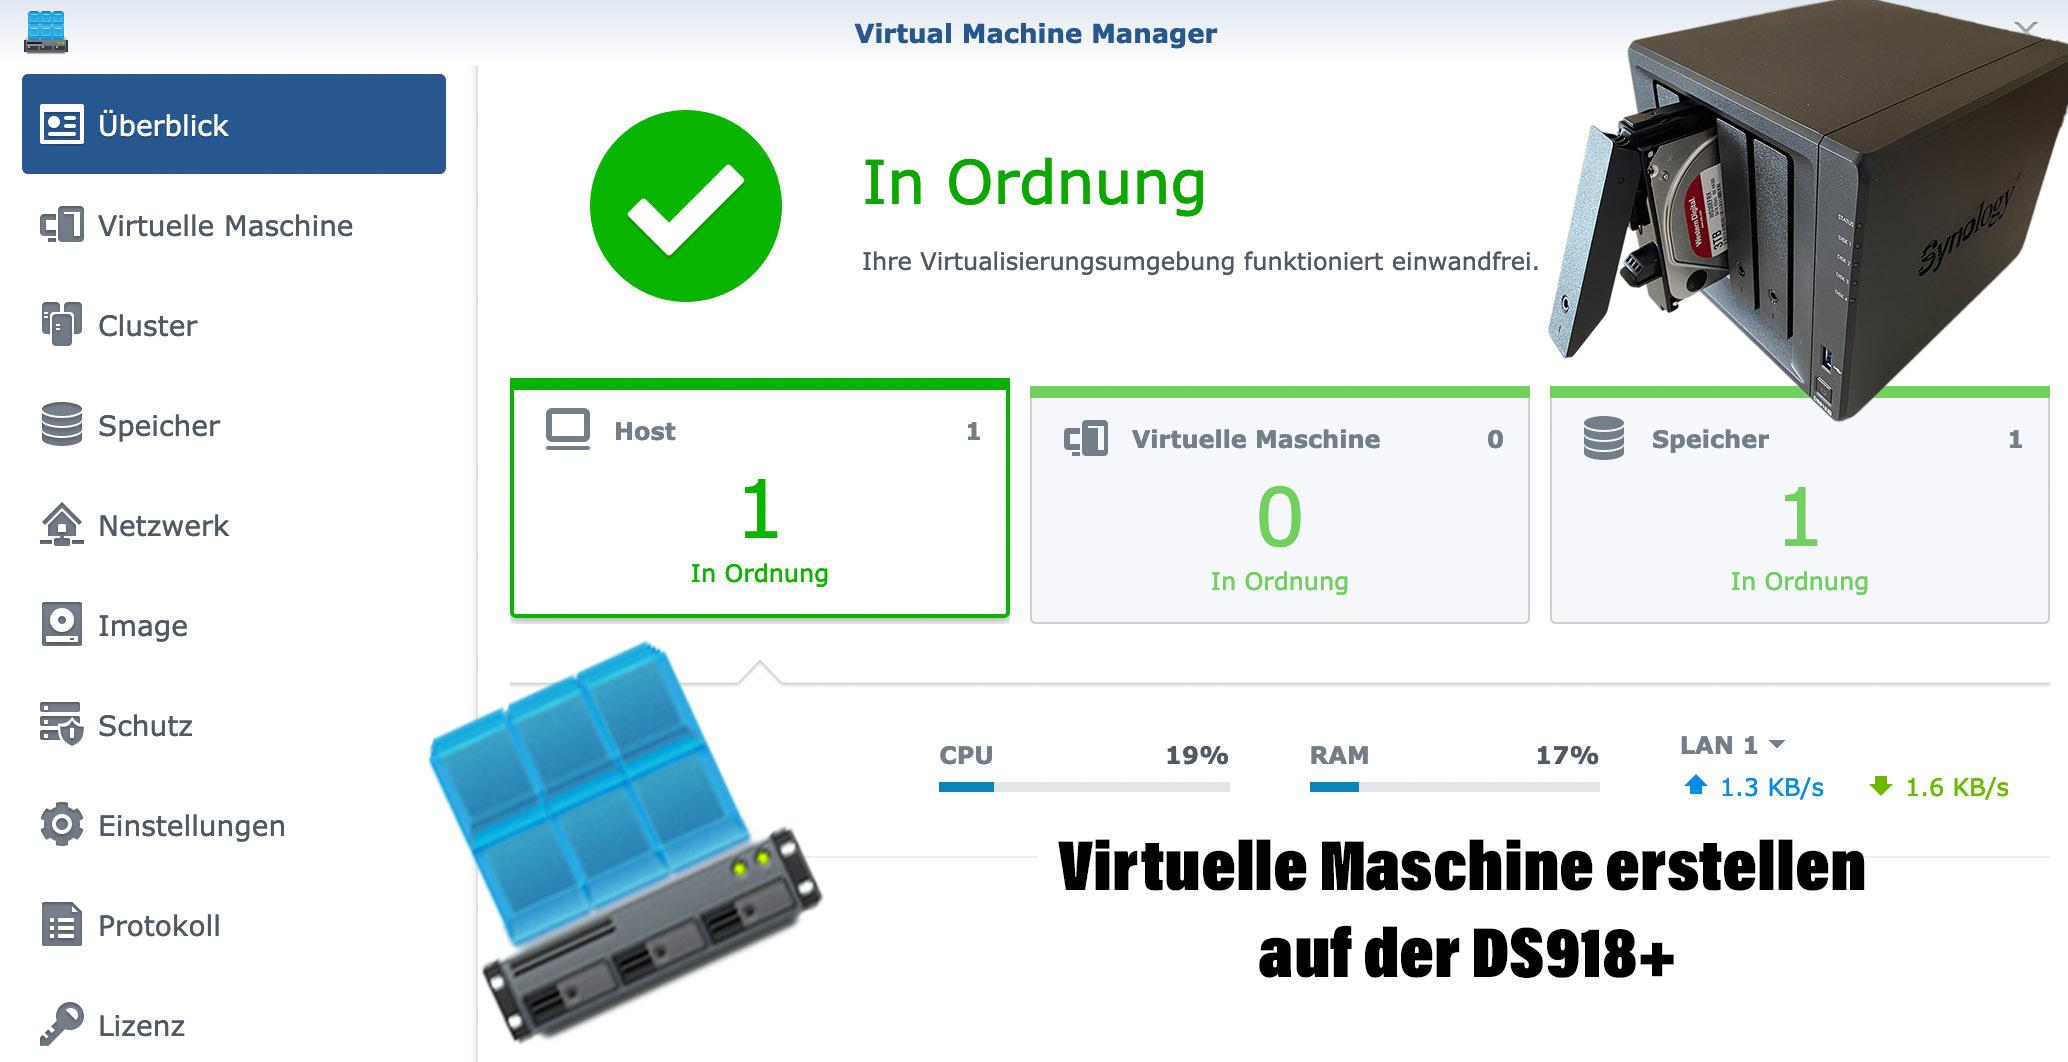 DS918+ Virtuelle Maschine erstellen und Ubuntu installieren